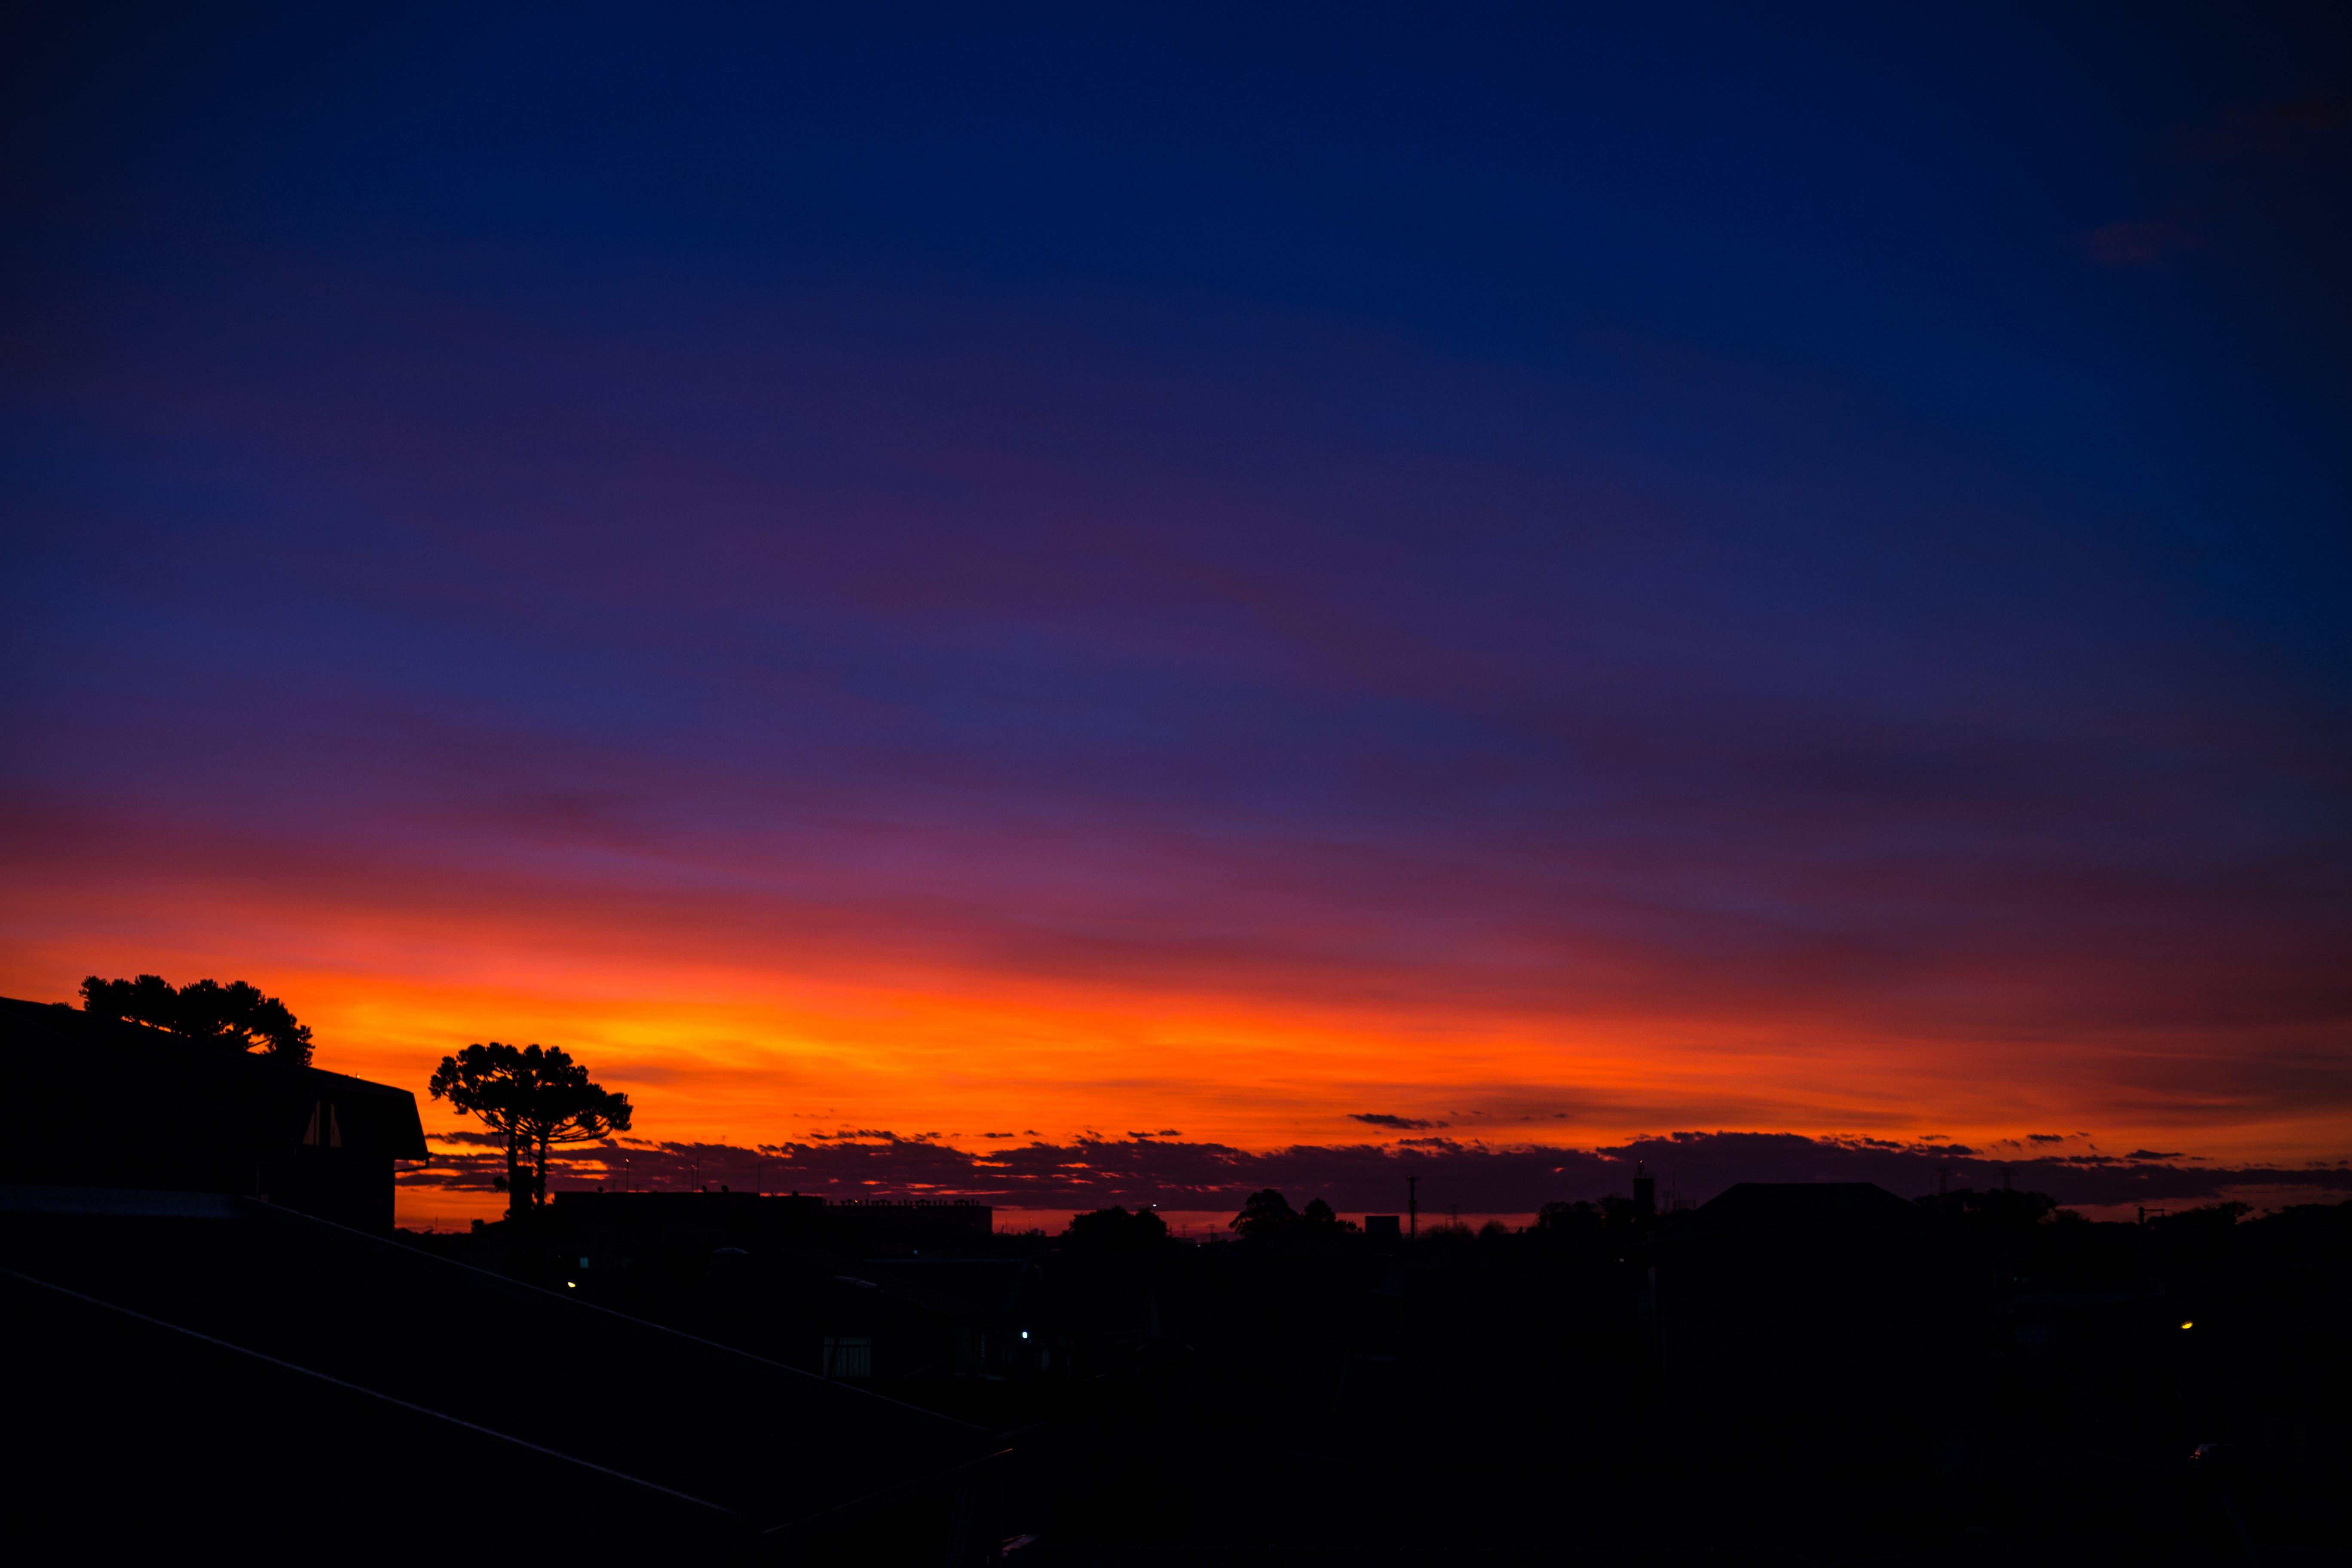 天空, 日落 的 免費圖庫相片